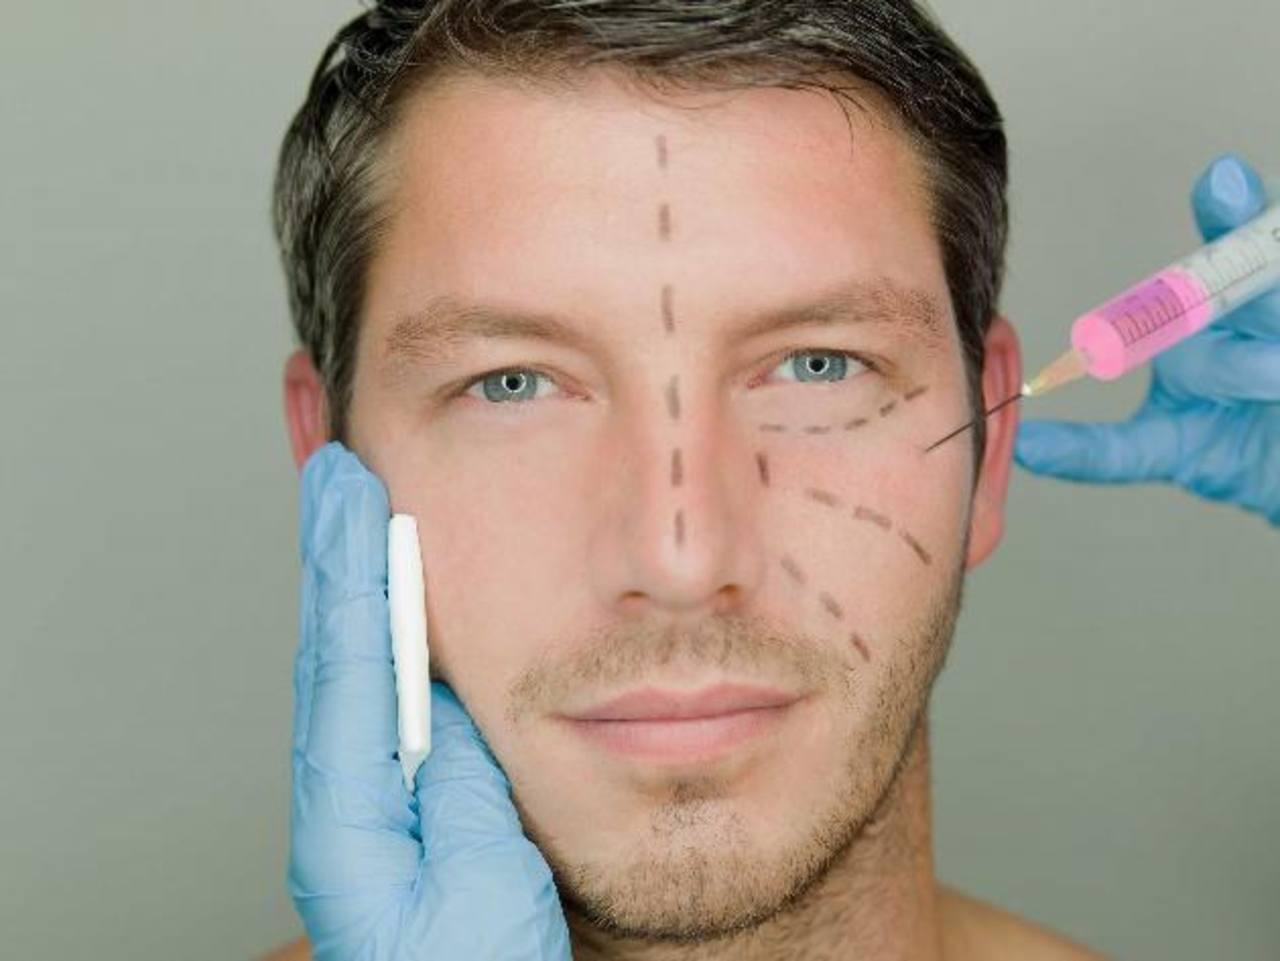 Estiramiento facial es también uno de los preferidos por ellos. Foto EDH